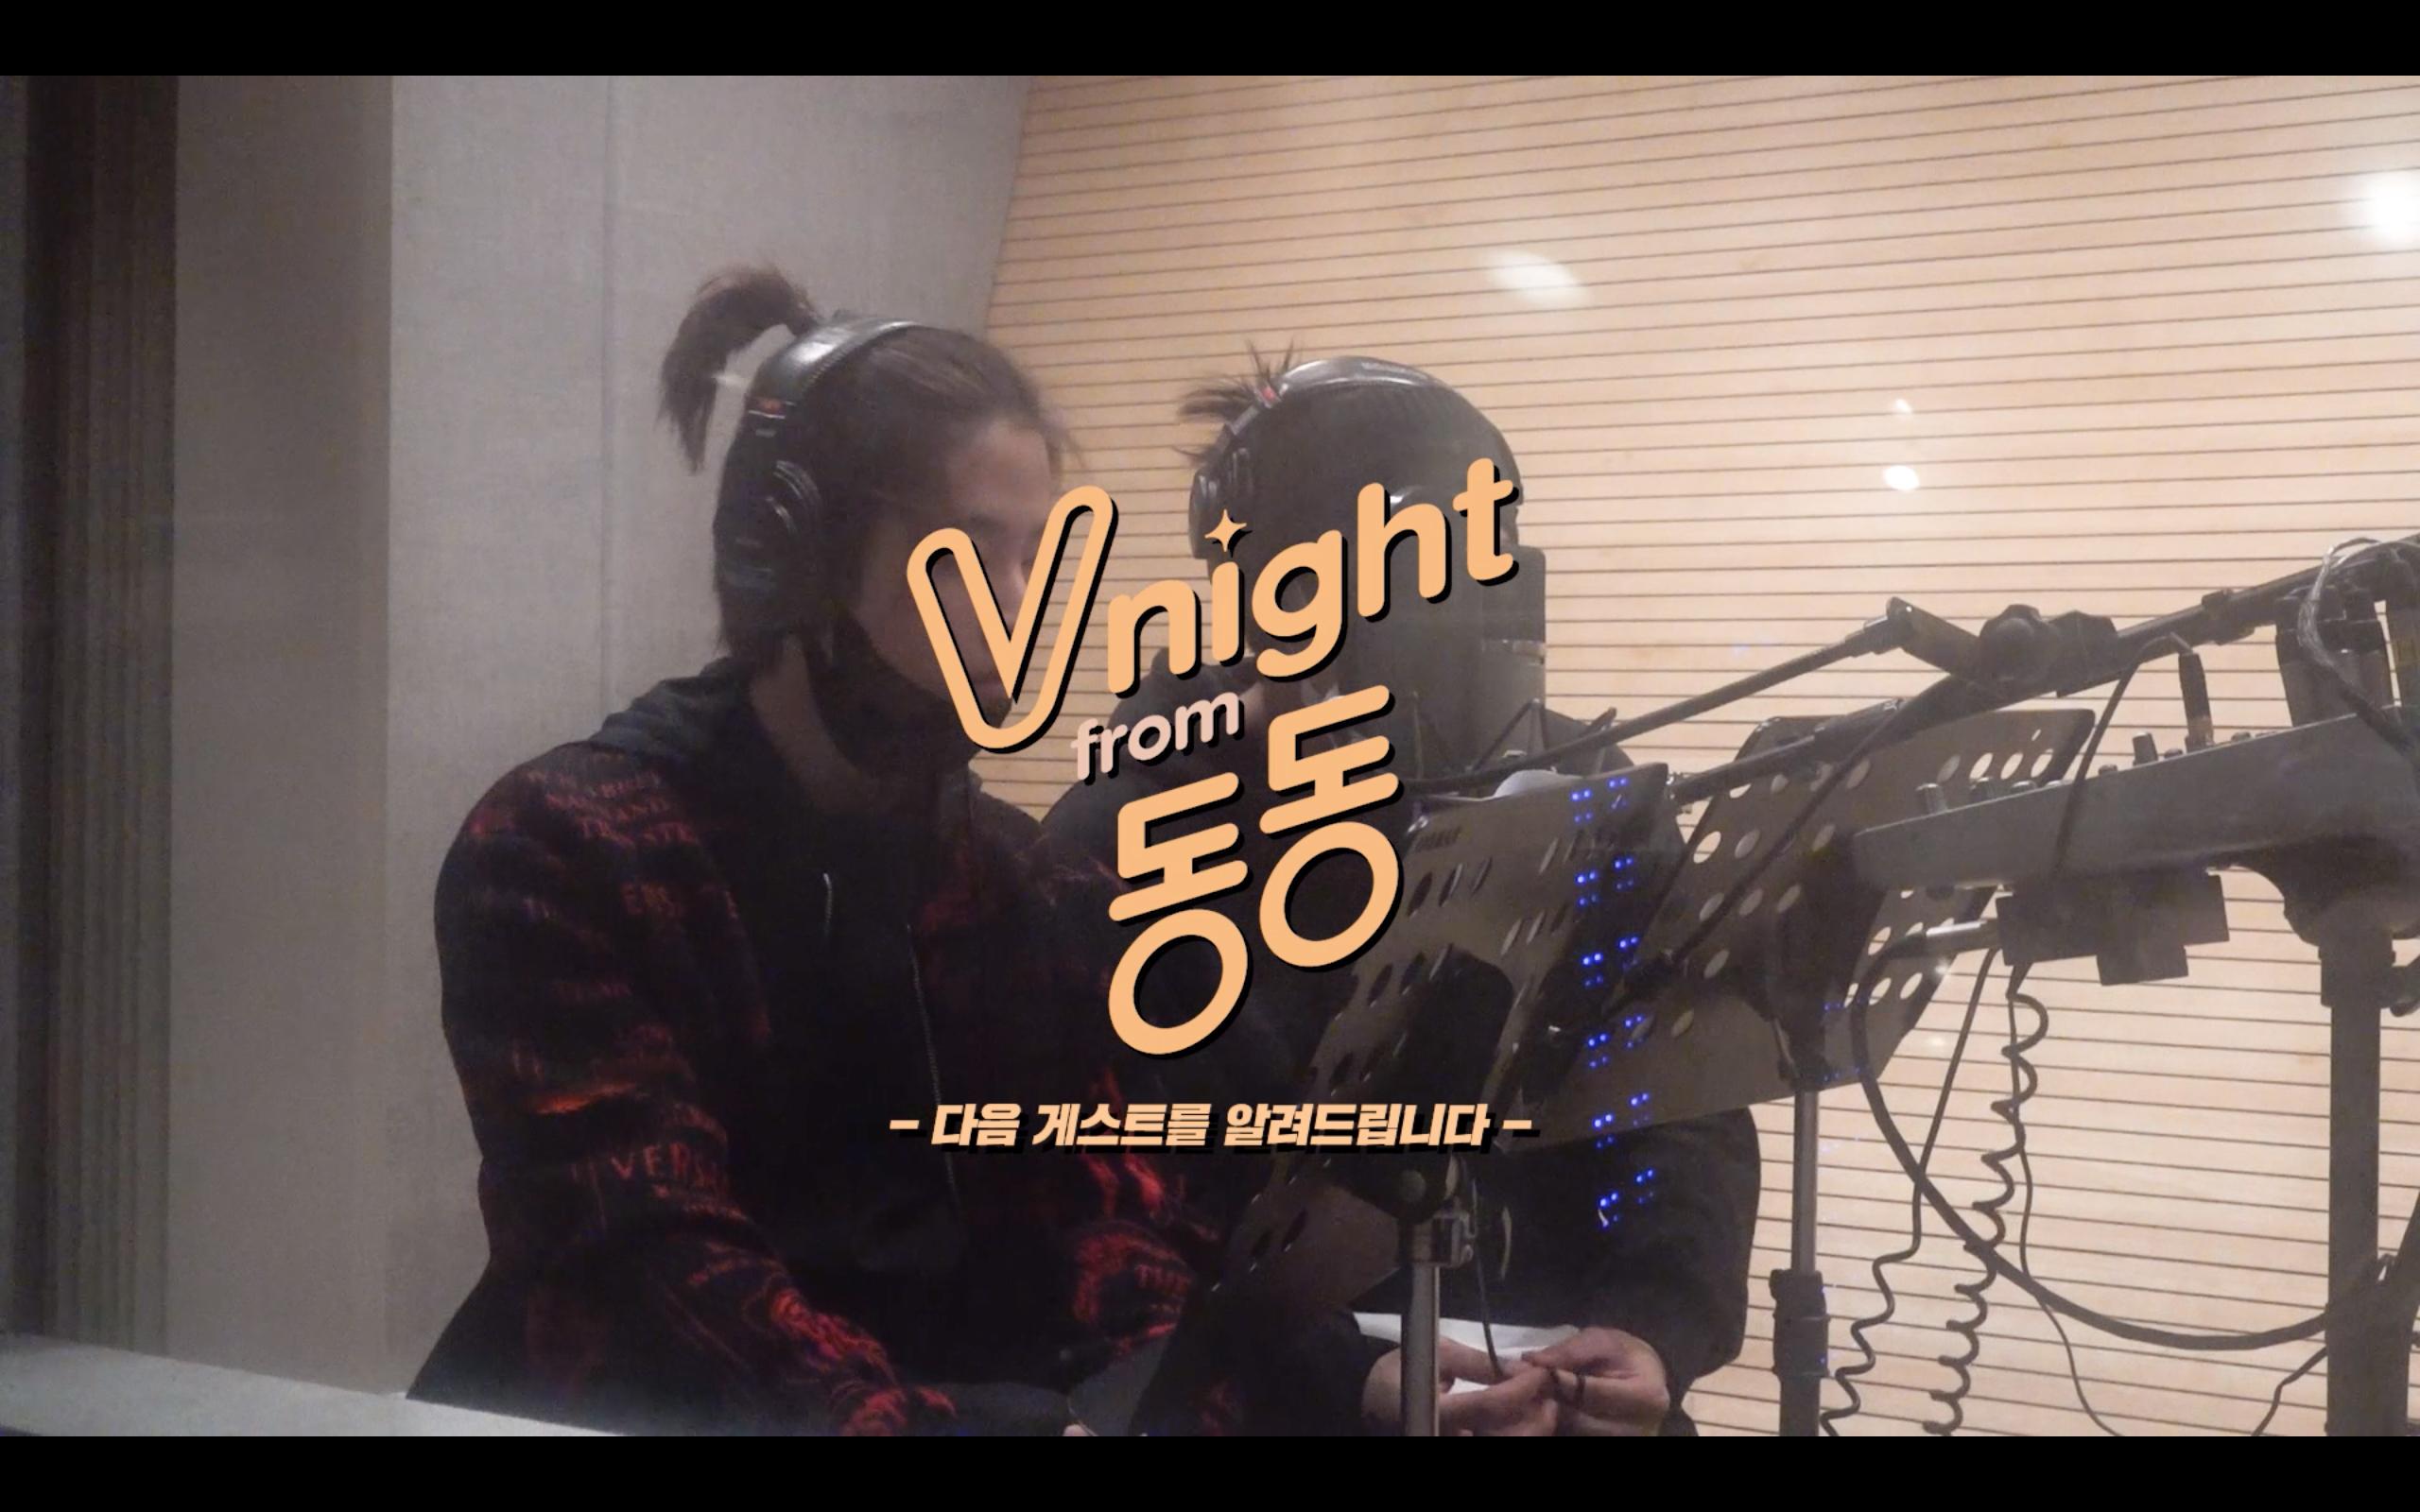 브이나잇 from.동동 (열여덟번째밤) SPECIAL CLiP #11